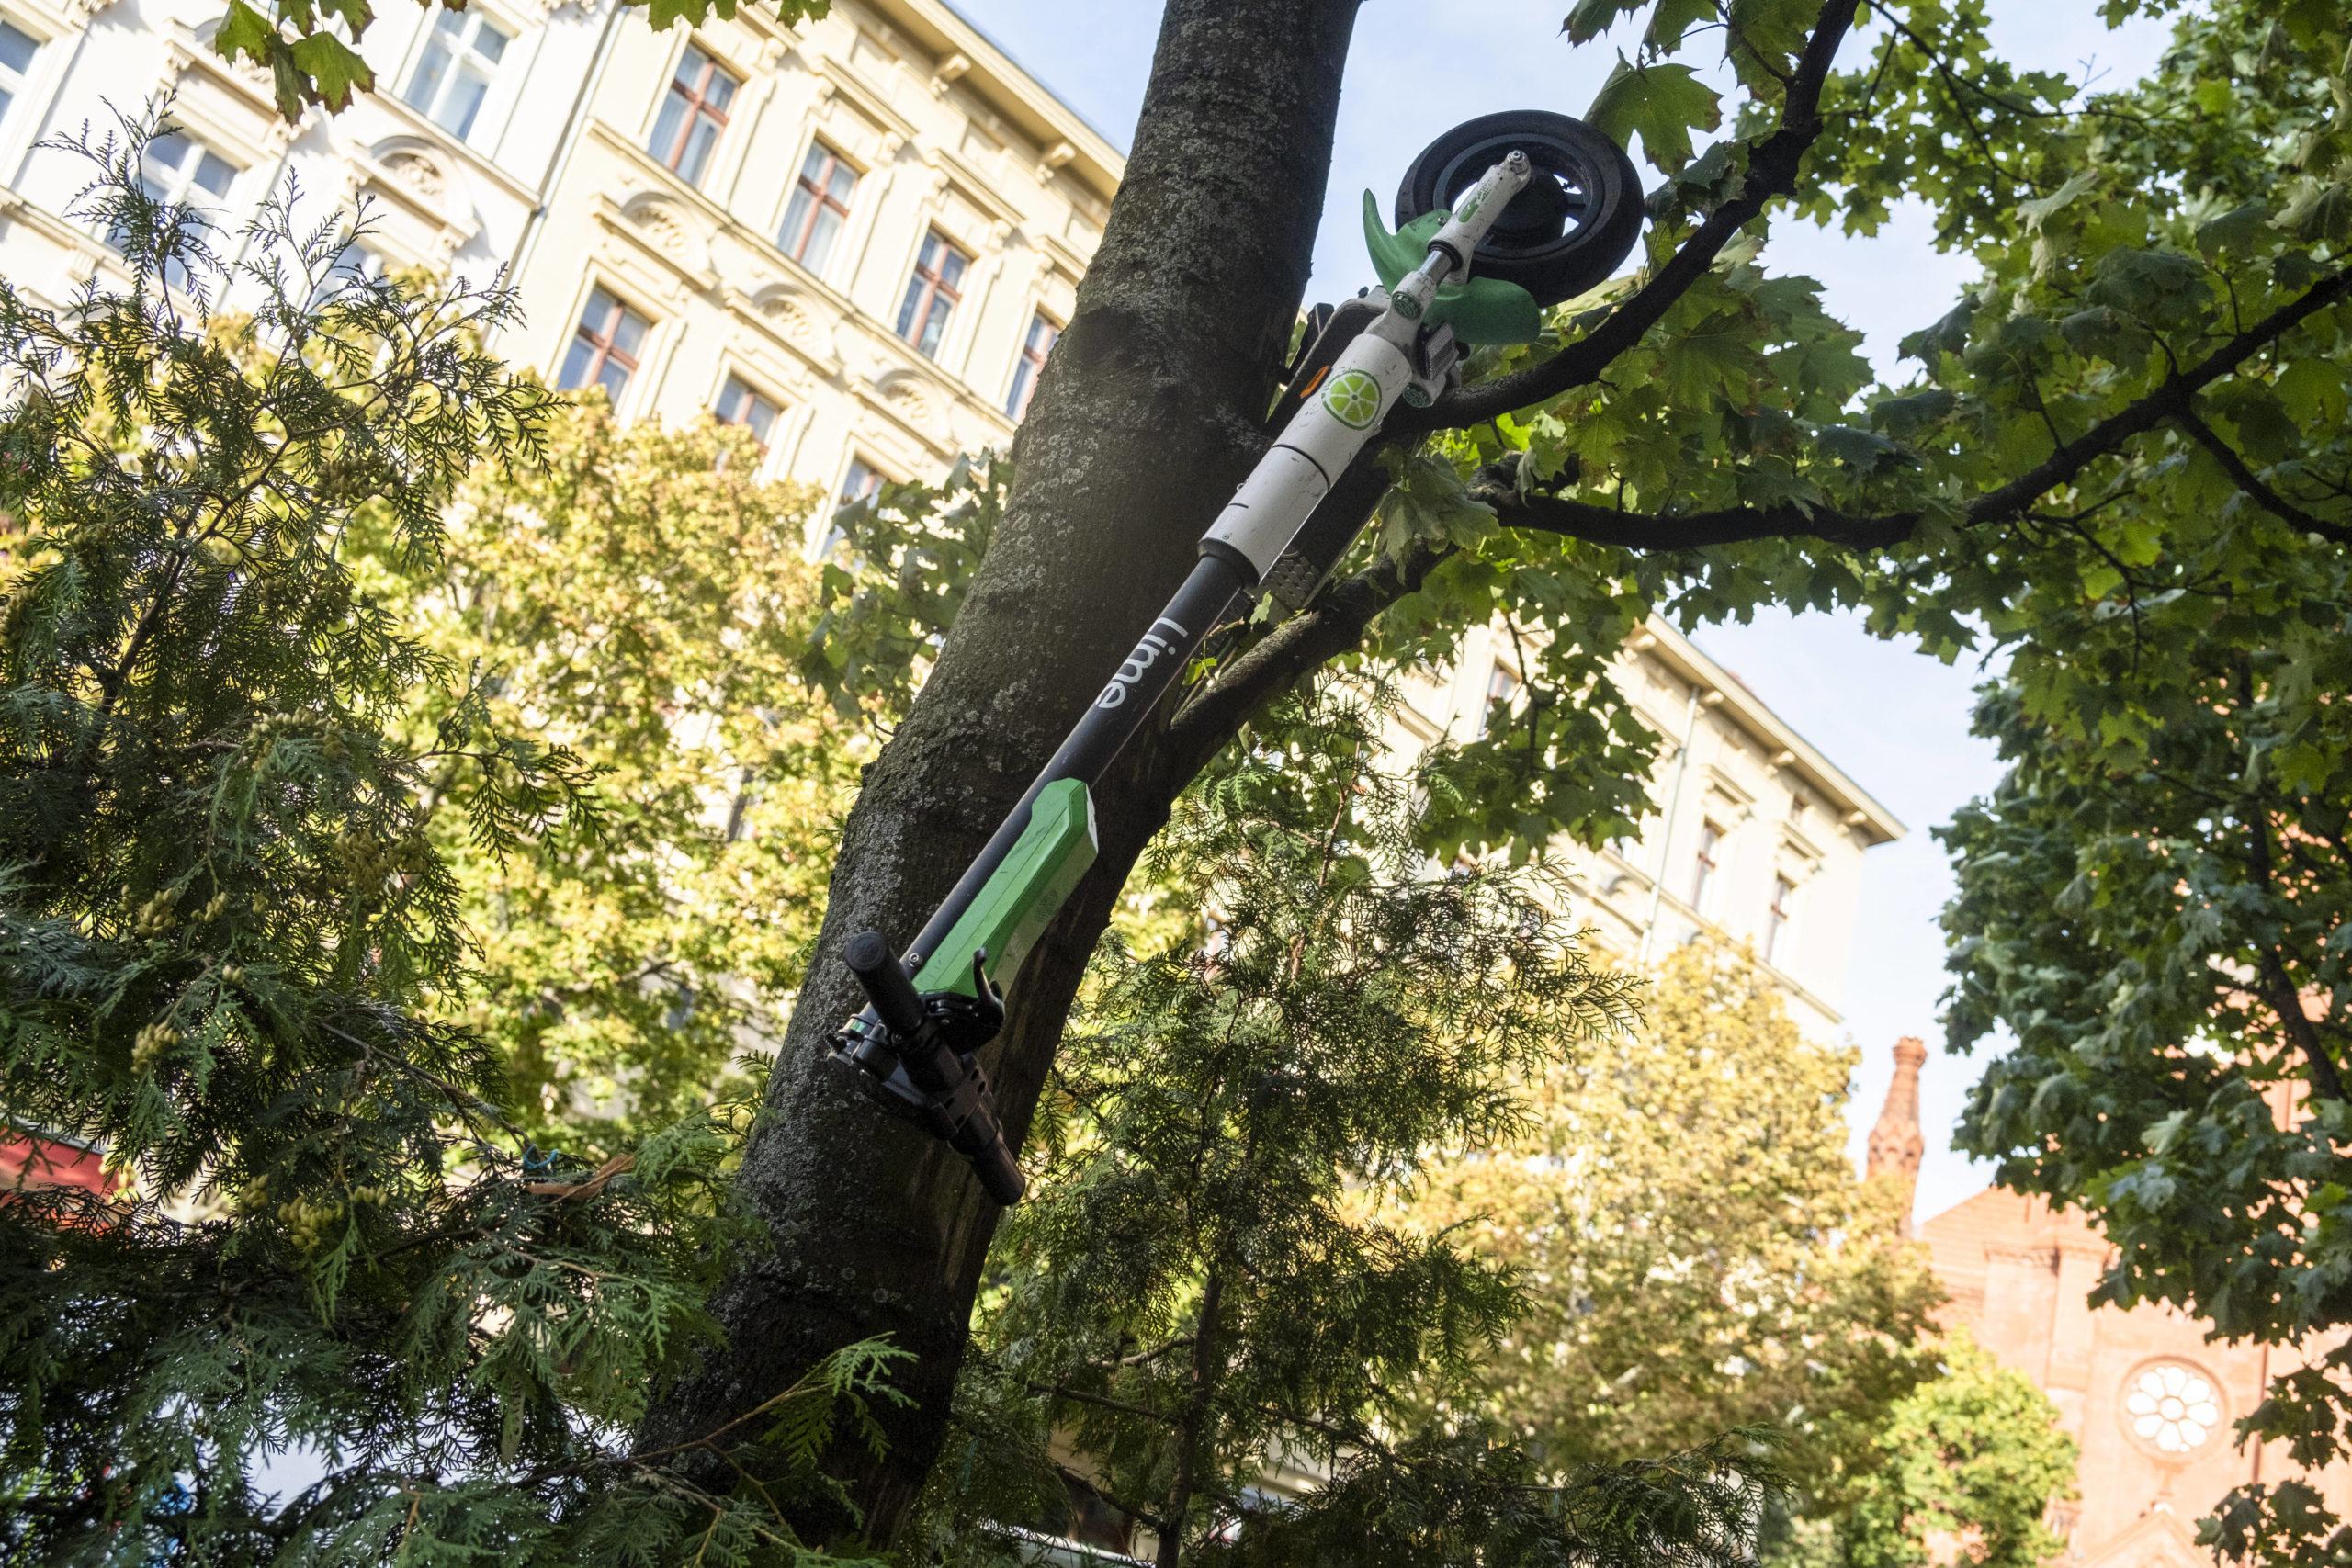 Kuriose Fotos aus Berlin: Im Baum geparkter E-Scooter von Lime in Prenzlauer Berg. Foto: Imago/Seeliger